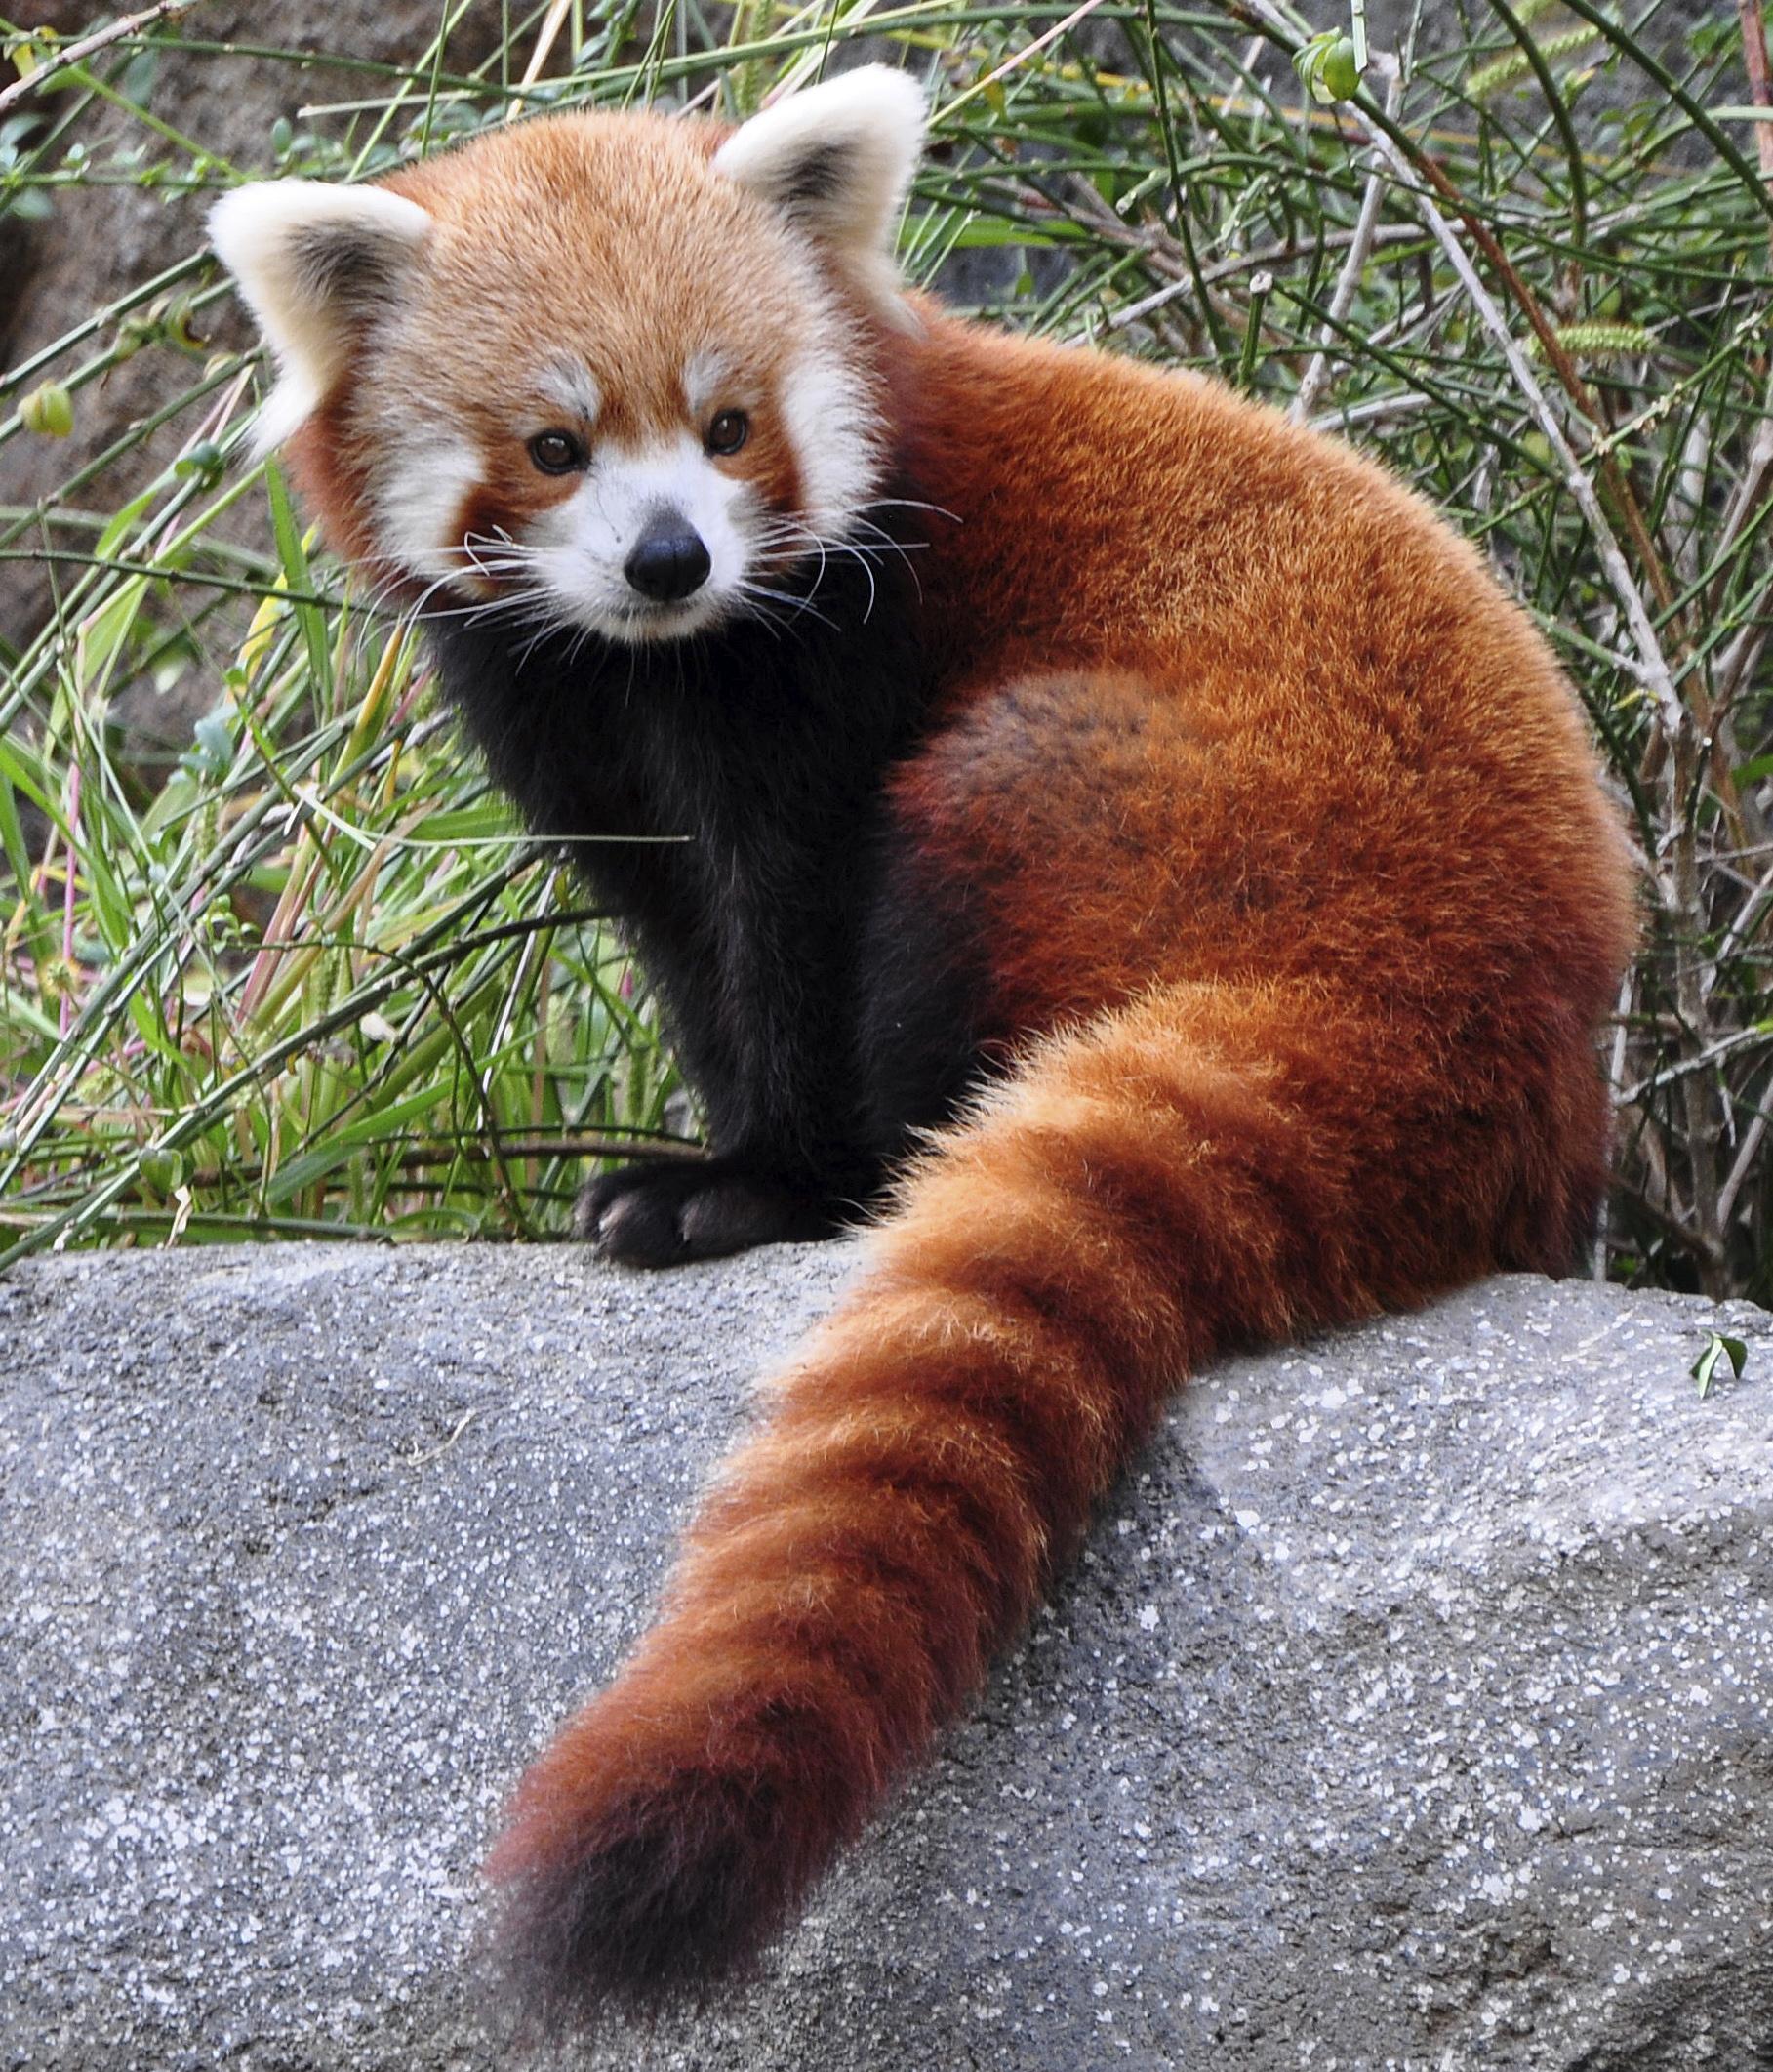 """Vaizdo rezultatas pagal užklausą """"red panda"""""""